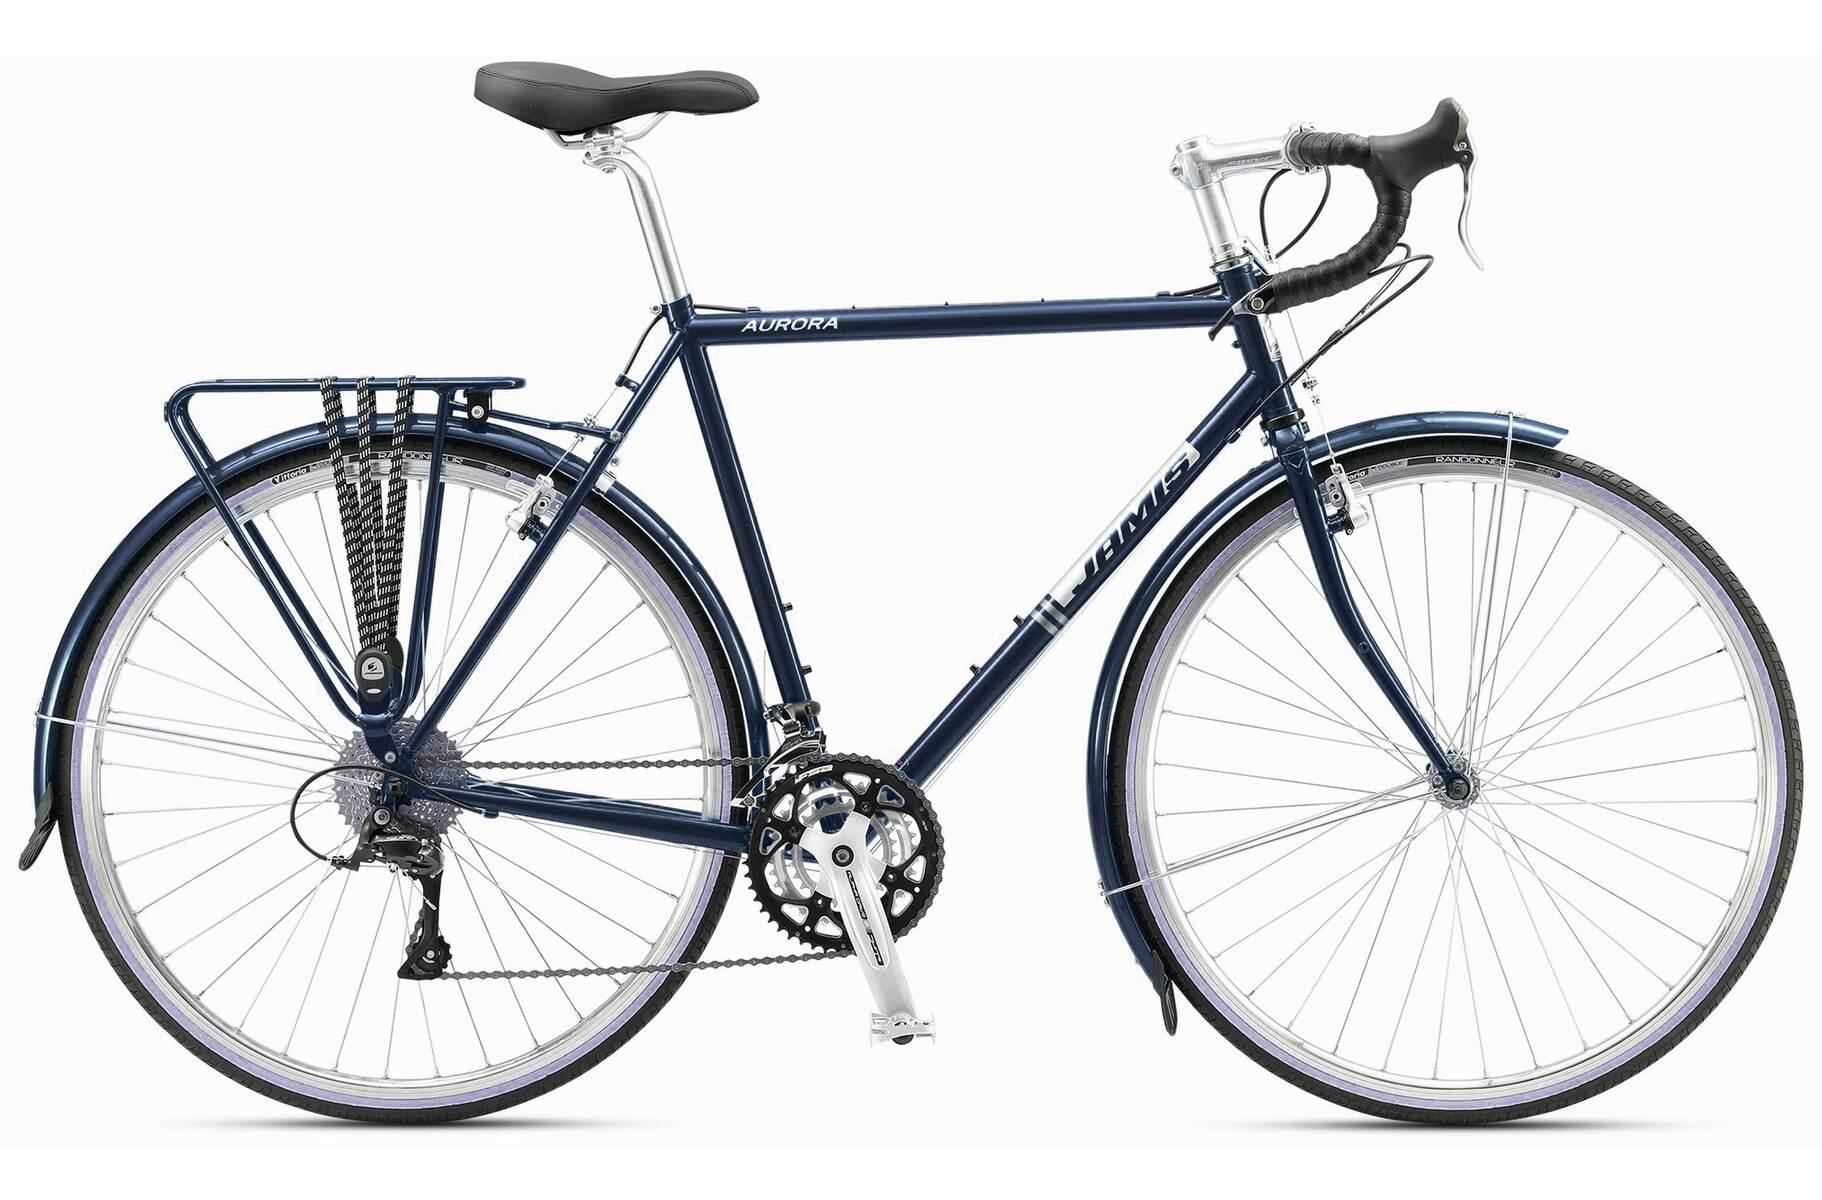 Leve Freno Bici 1 Paio Breve Leve Freno E Frizione Lega Leggera in Alluminio 31,8 Mm per Bici da Strada